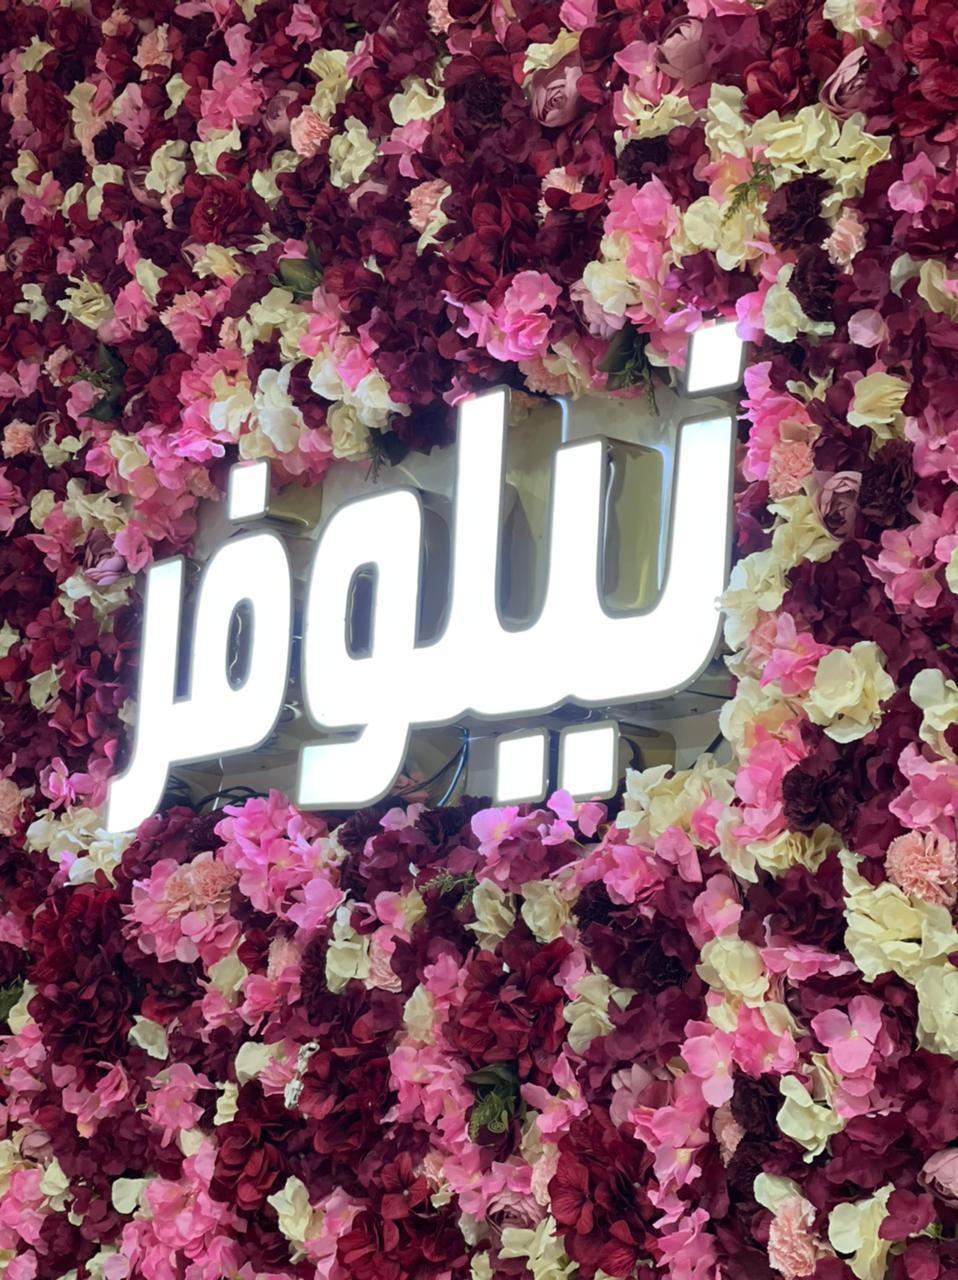 مشغل زهرة نيلوفر - غرب الرياض وادي لبن 232494528.jpg